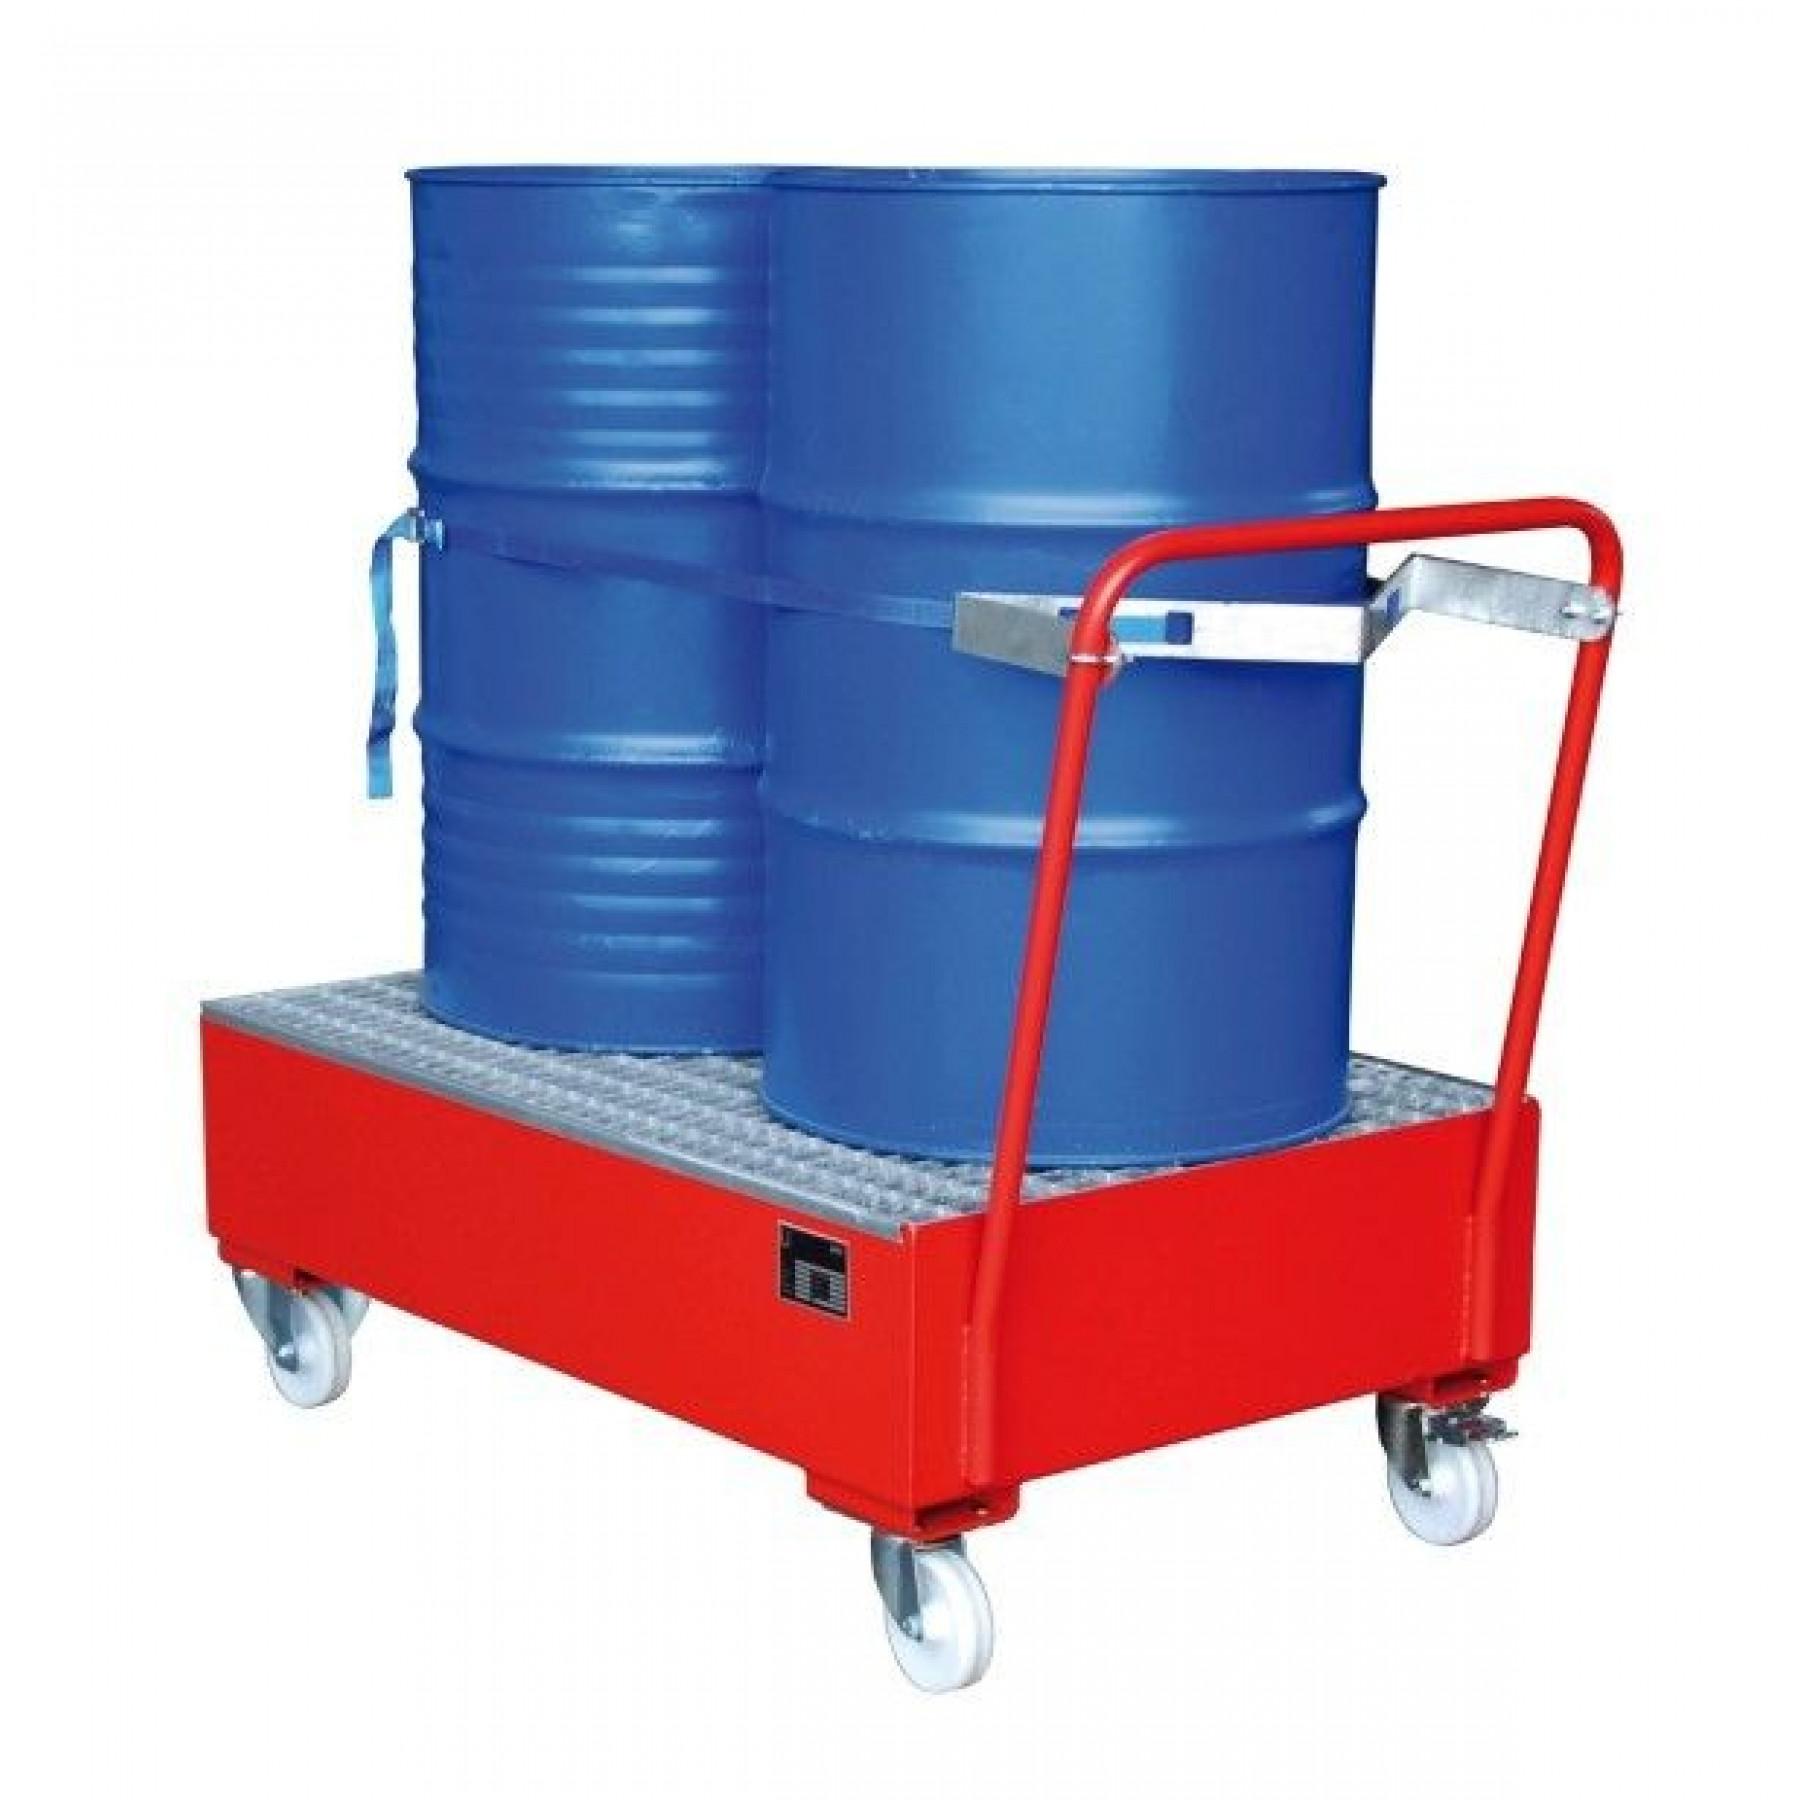 Verrijdbare vloeistofopvangbak voor 2 x 200 liter vat, verzinkt